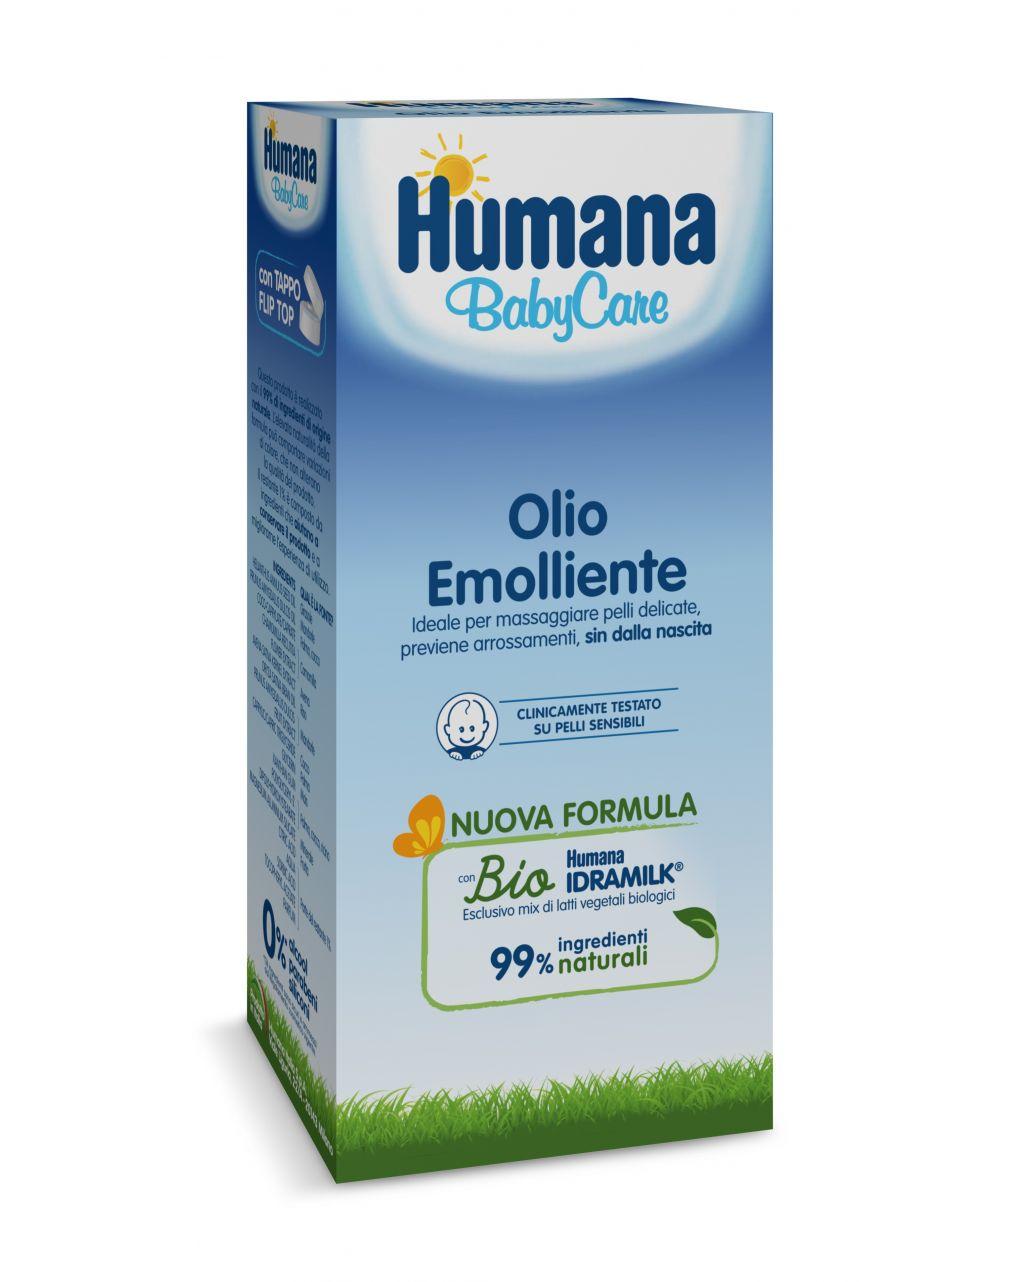 Olio emolliente 250 ml - Humana